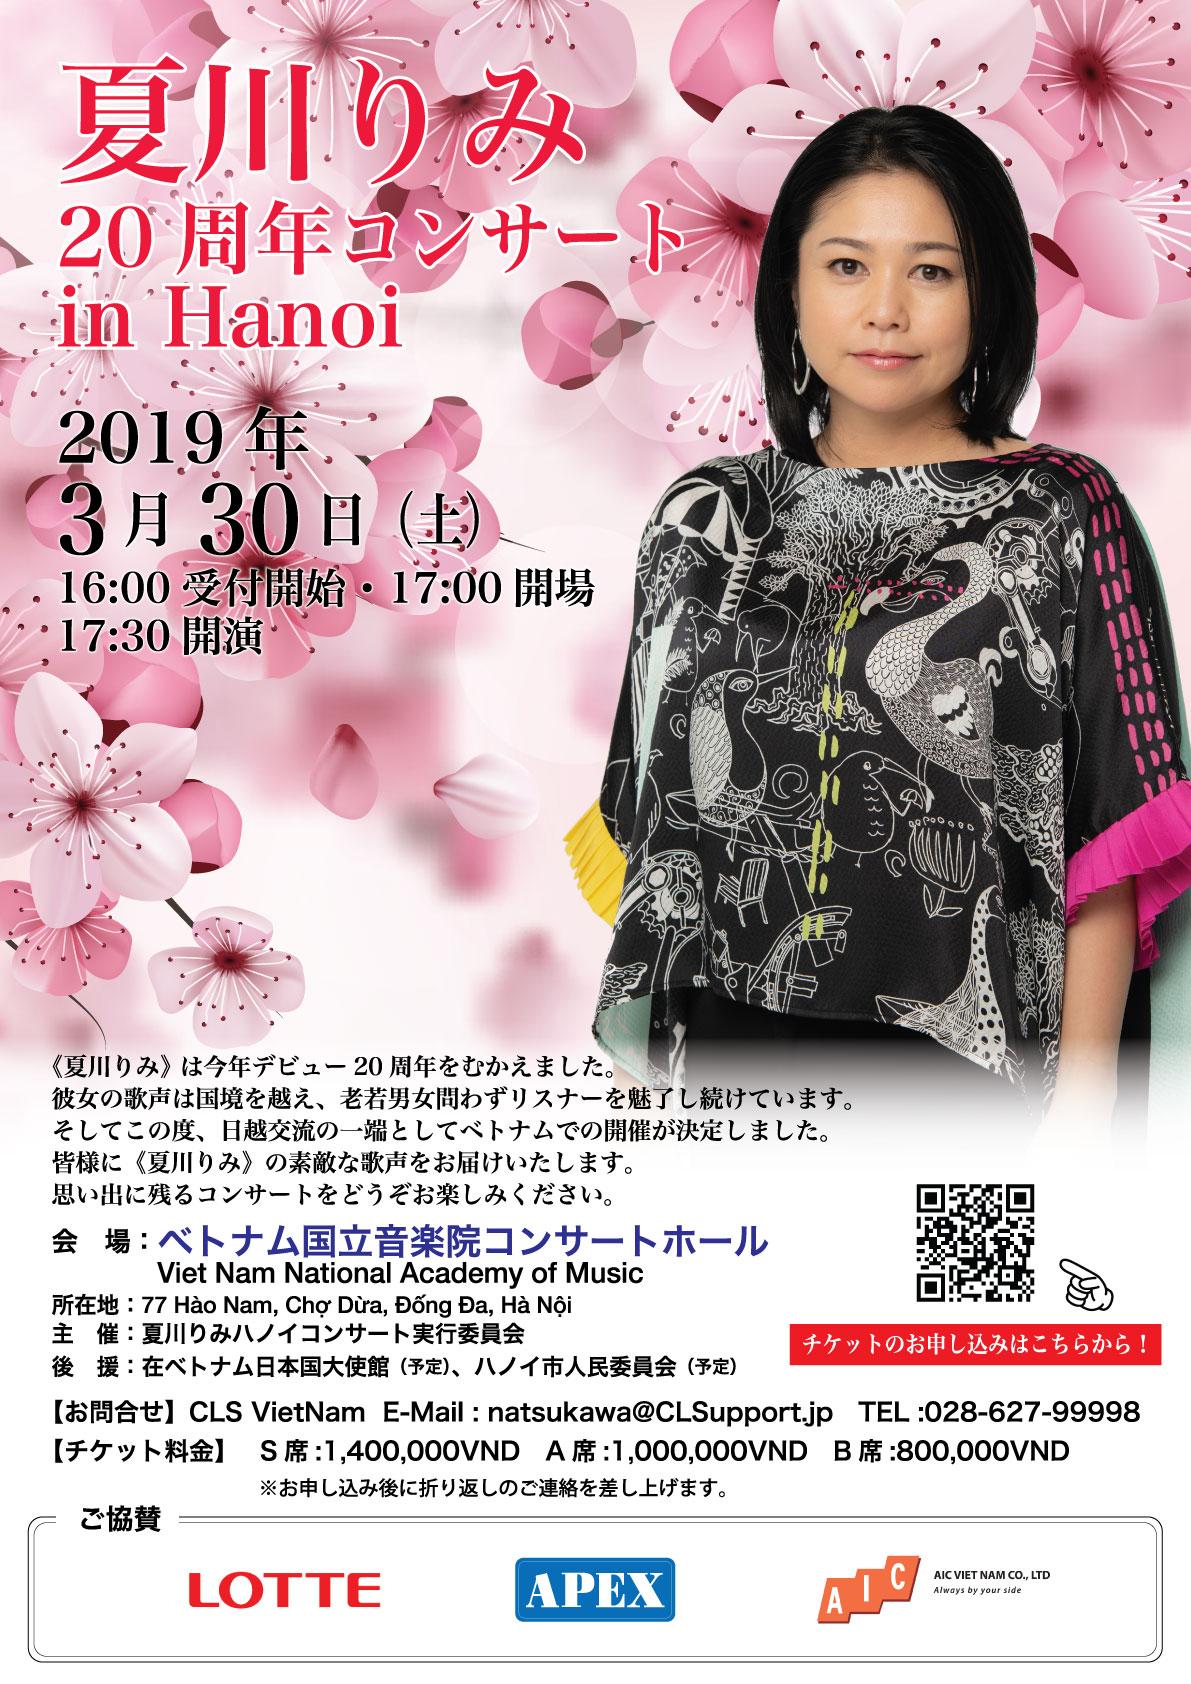 夏川りみ20周年コンサートが3月30日ハノイで開催!